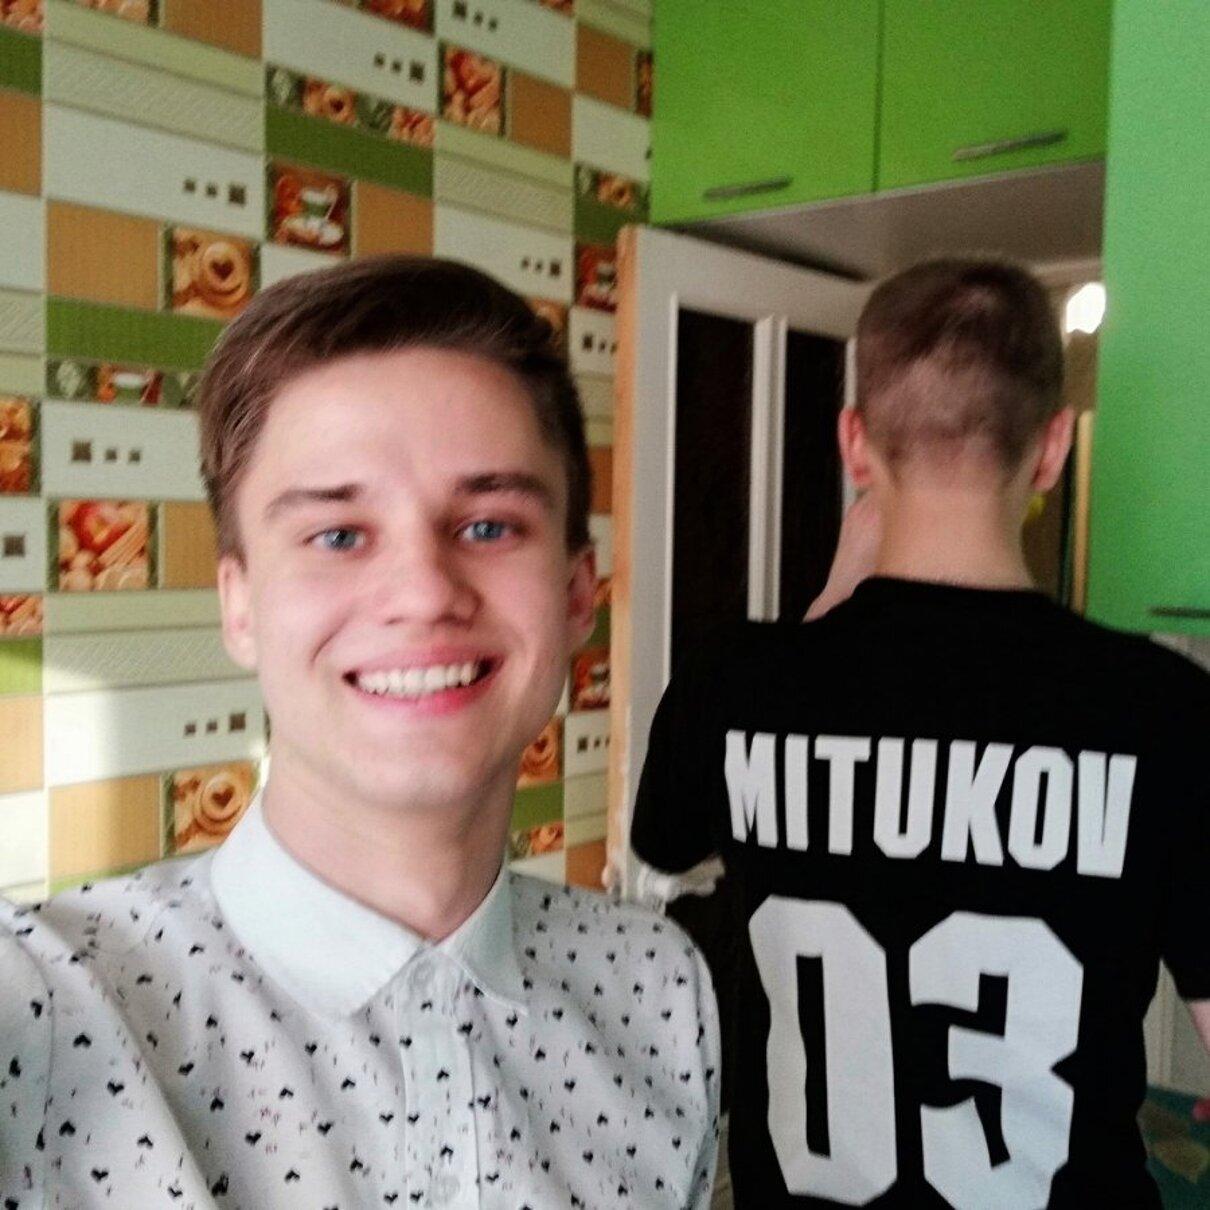 Жалоба-отзыв: Данил Петров - Кинул при продвижении группы вконтакте